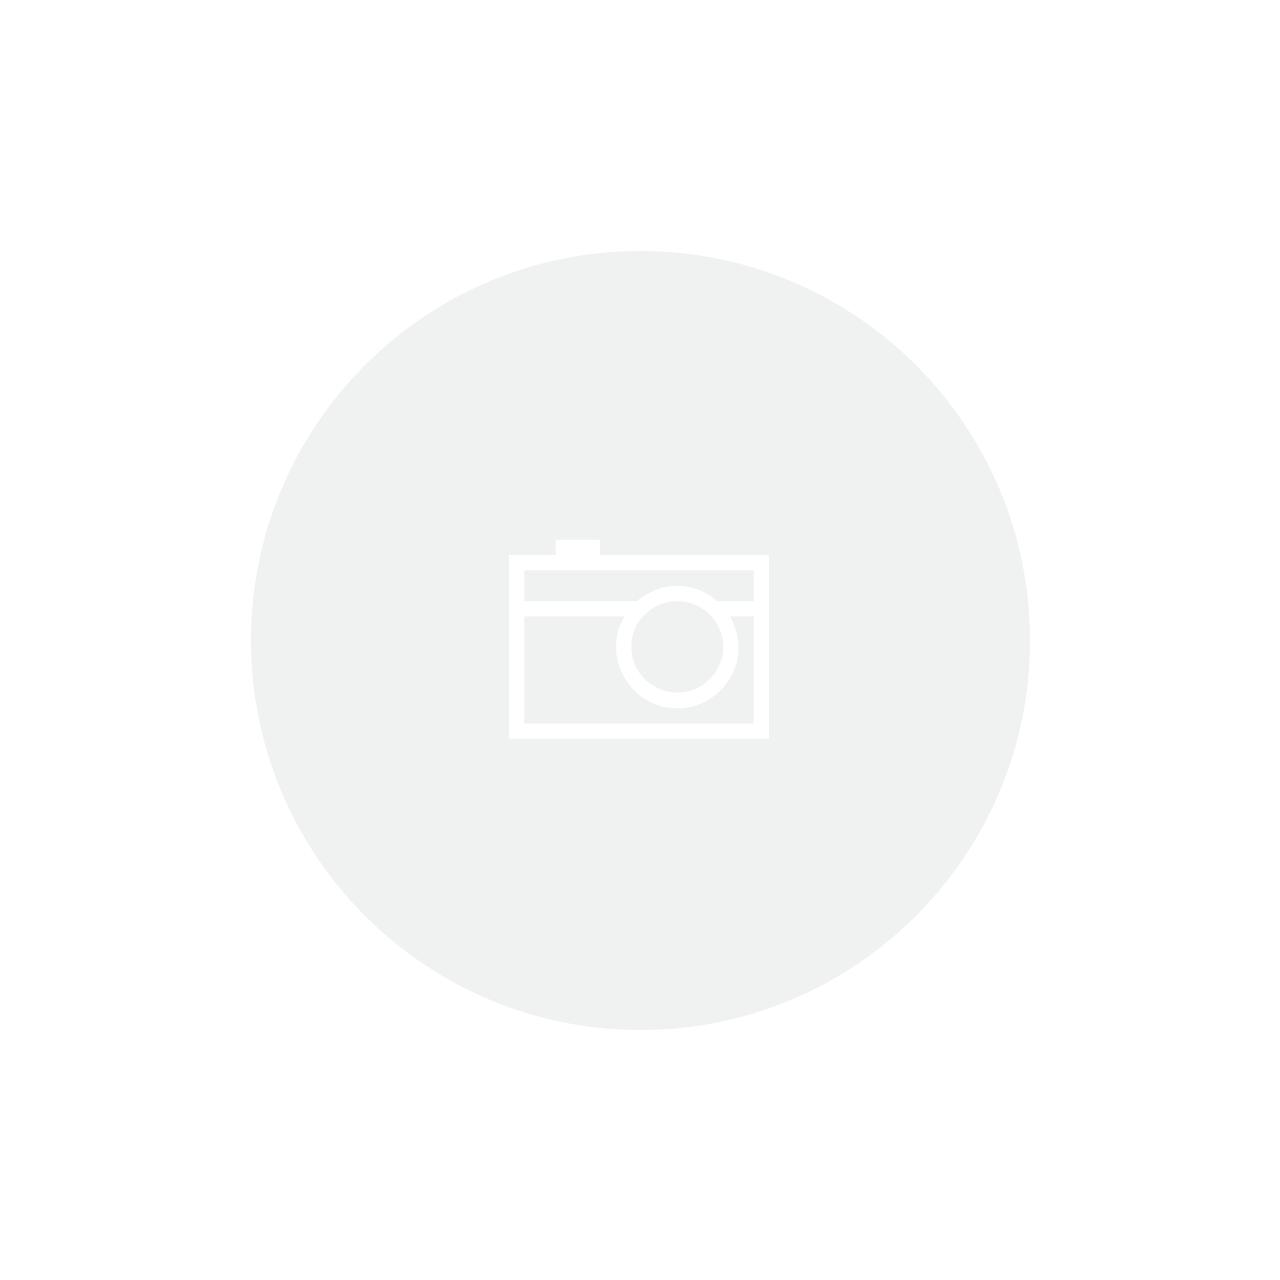 Mochila masculina de couro legítimo Connect